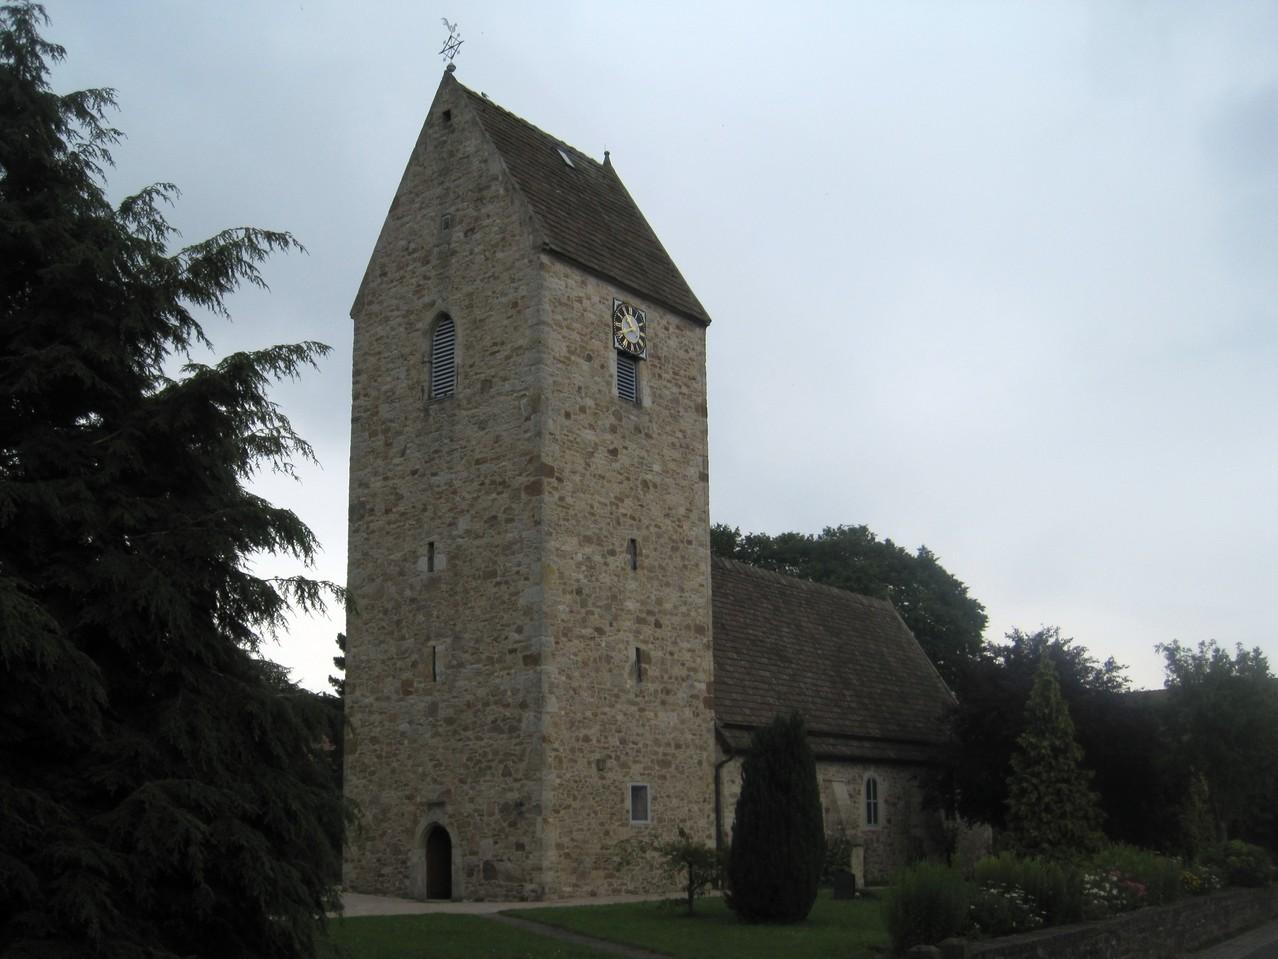 St. Matthaei - Wehrkirche aus dem 11. Jahrhundert